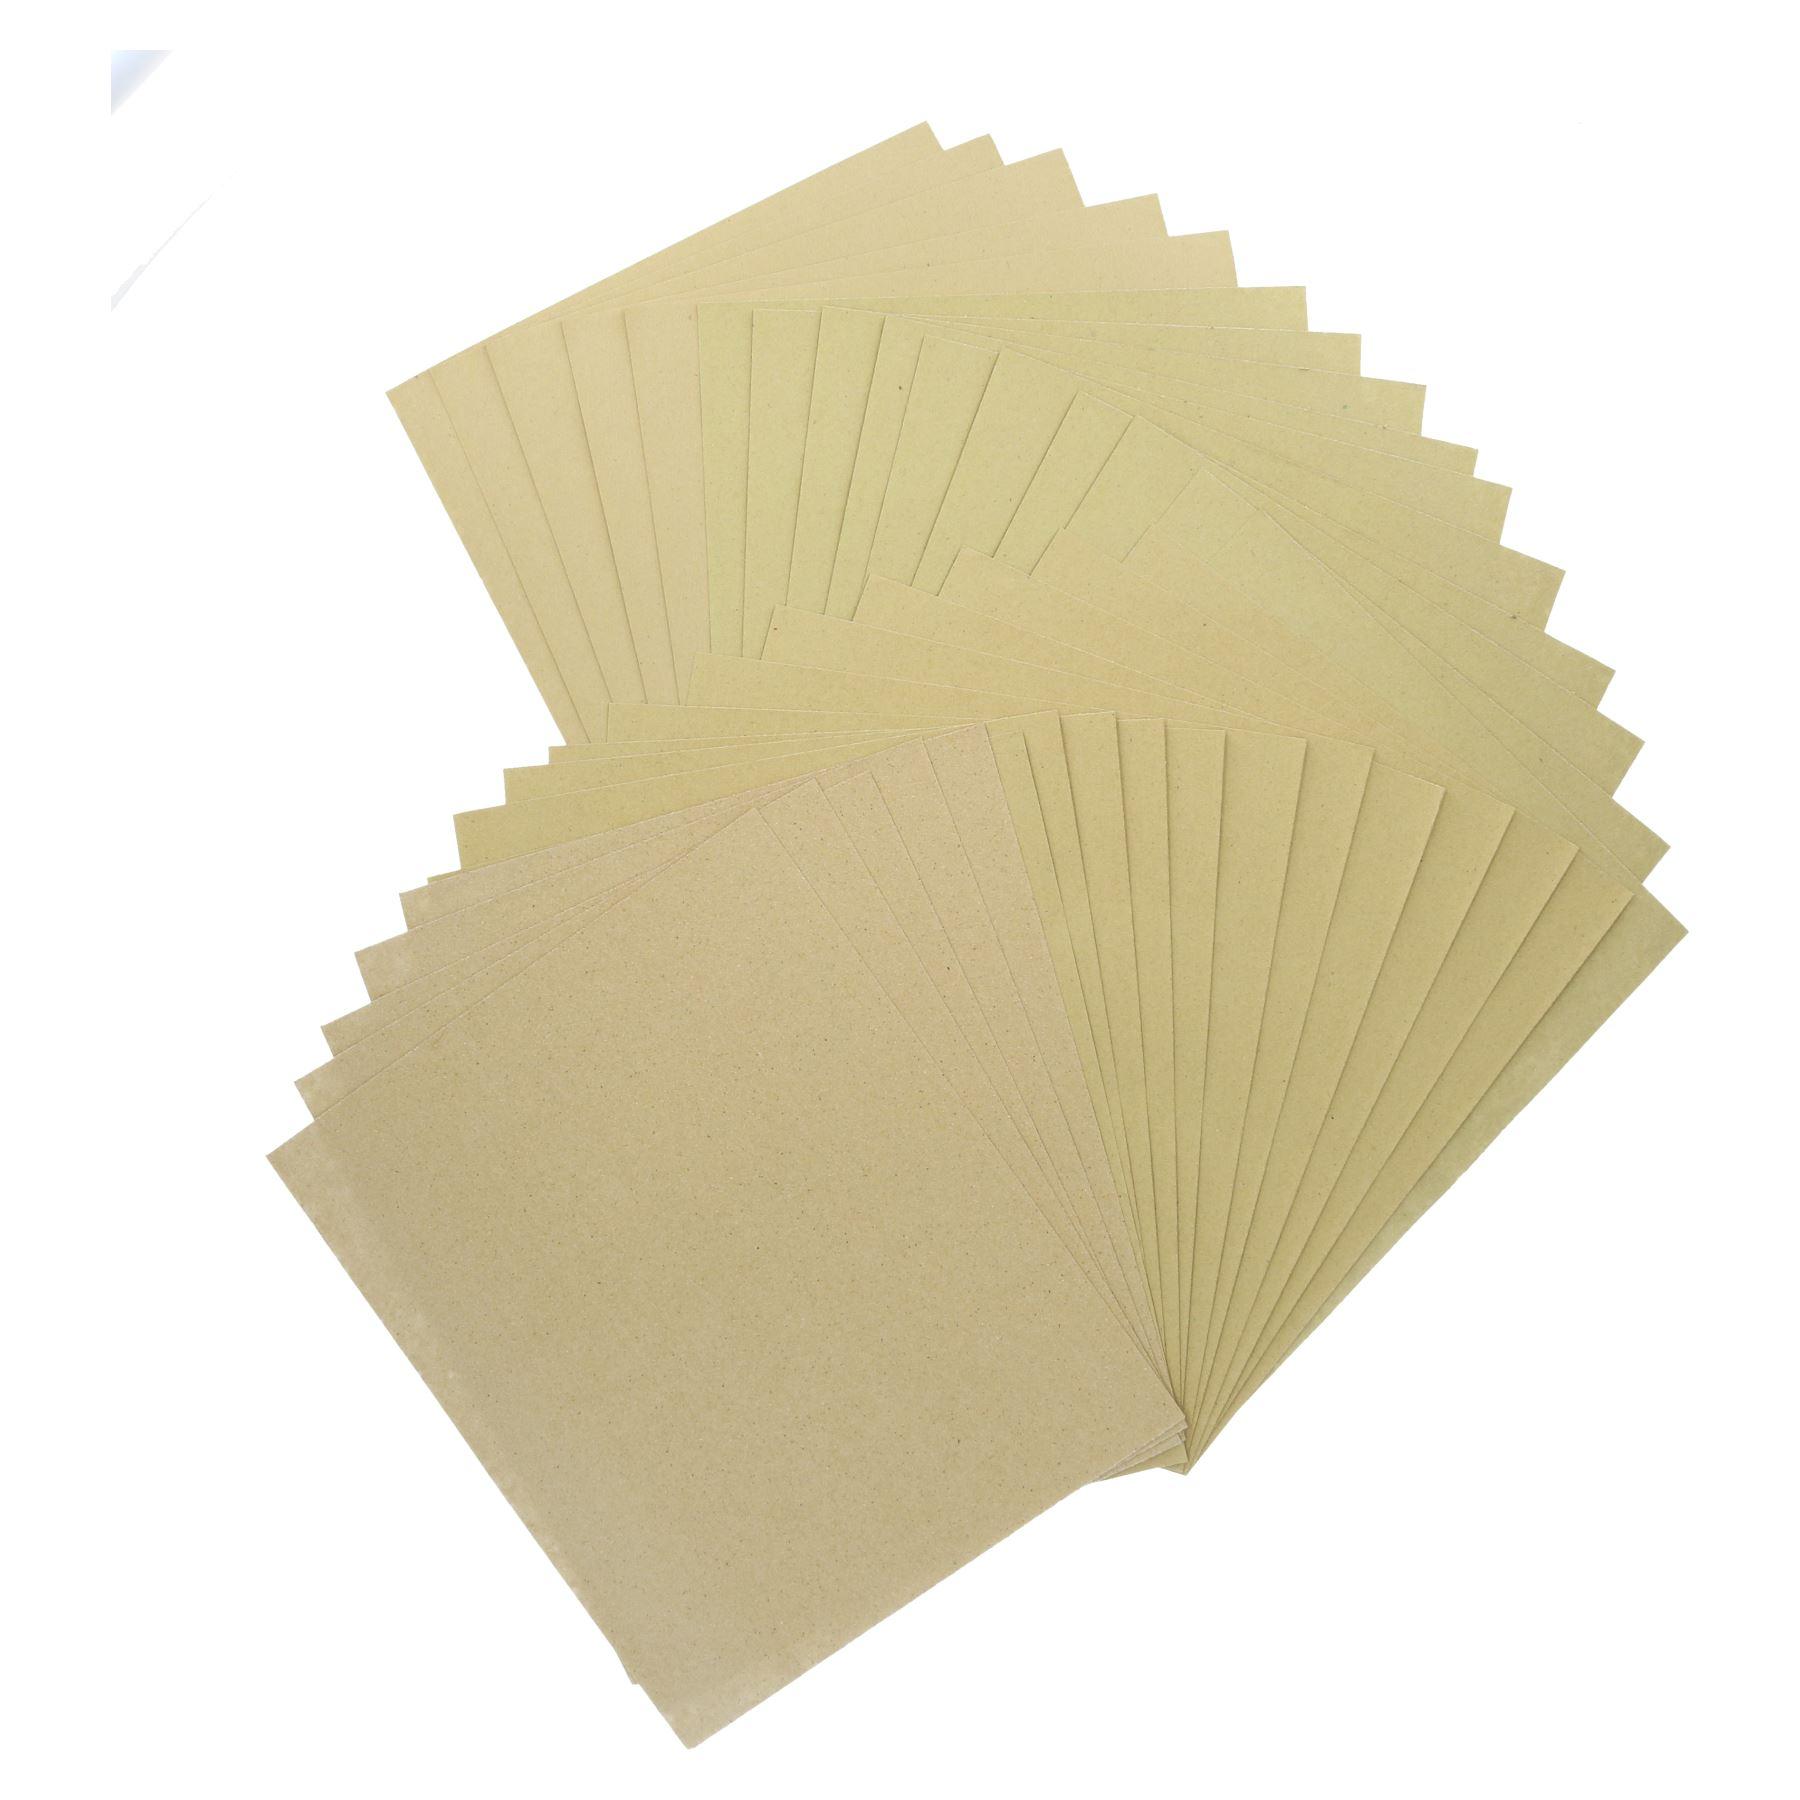 10 pc-sortierten Schleifpapier f/ür Metall Holz Kunststoff feine K/örnung 240